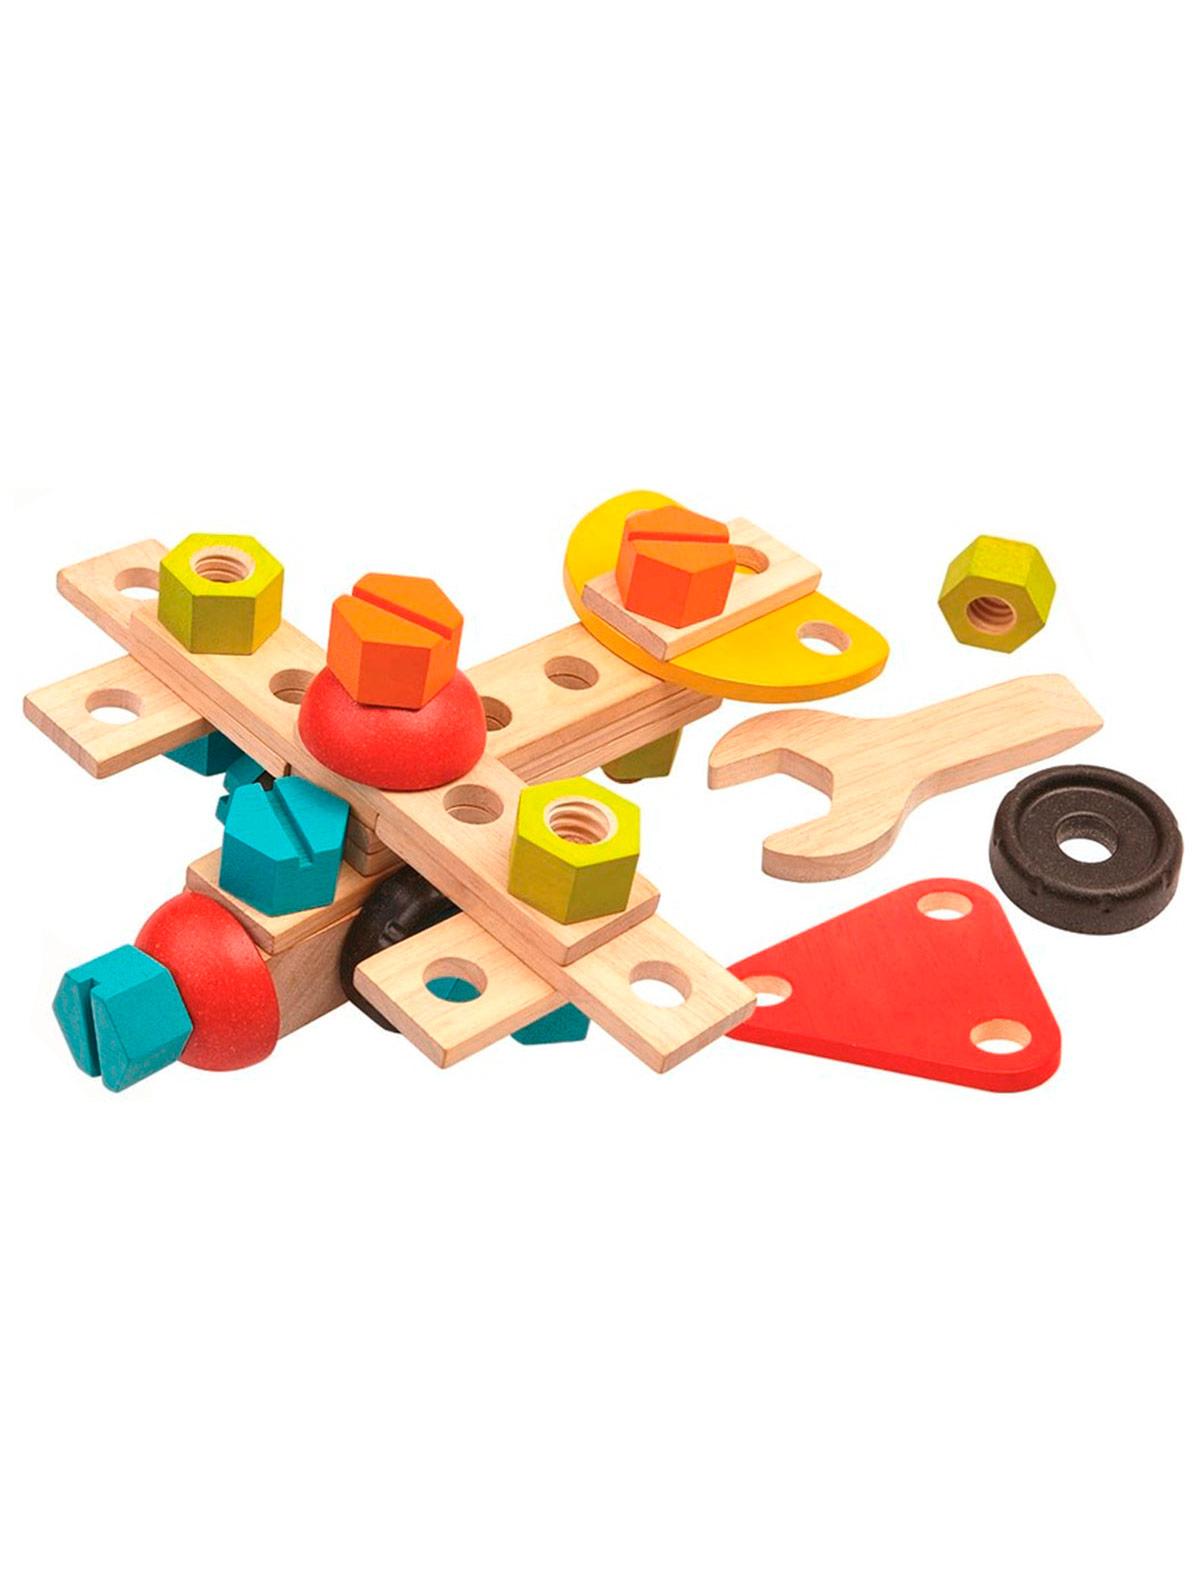 Купить 2134924, Игрушка PLAN TOYS, разноцветный, 7132529980259